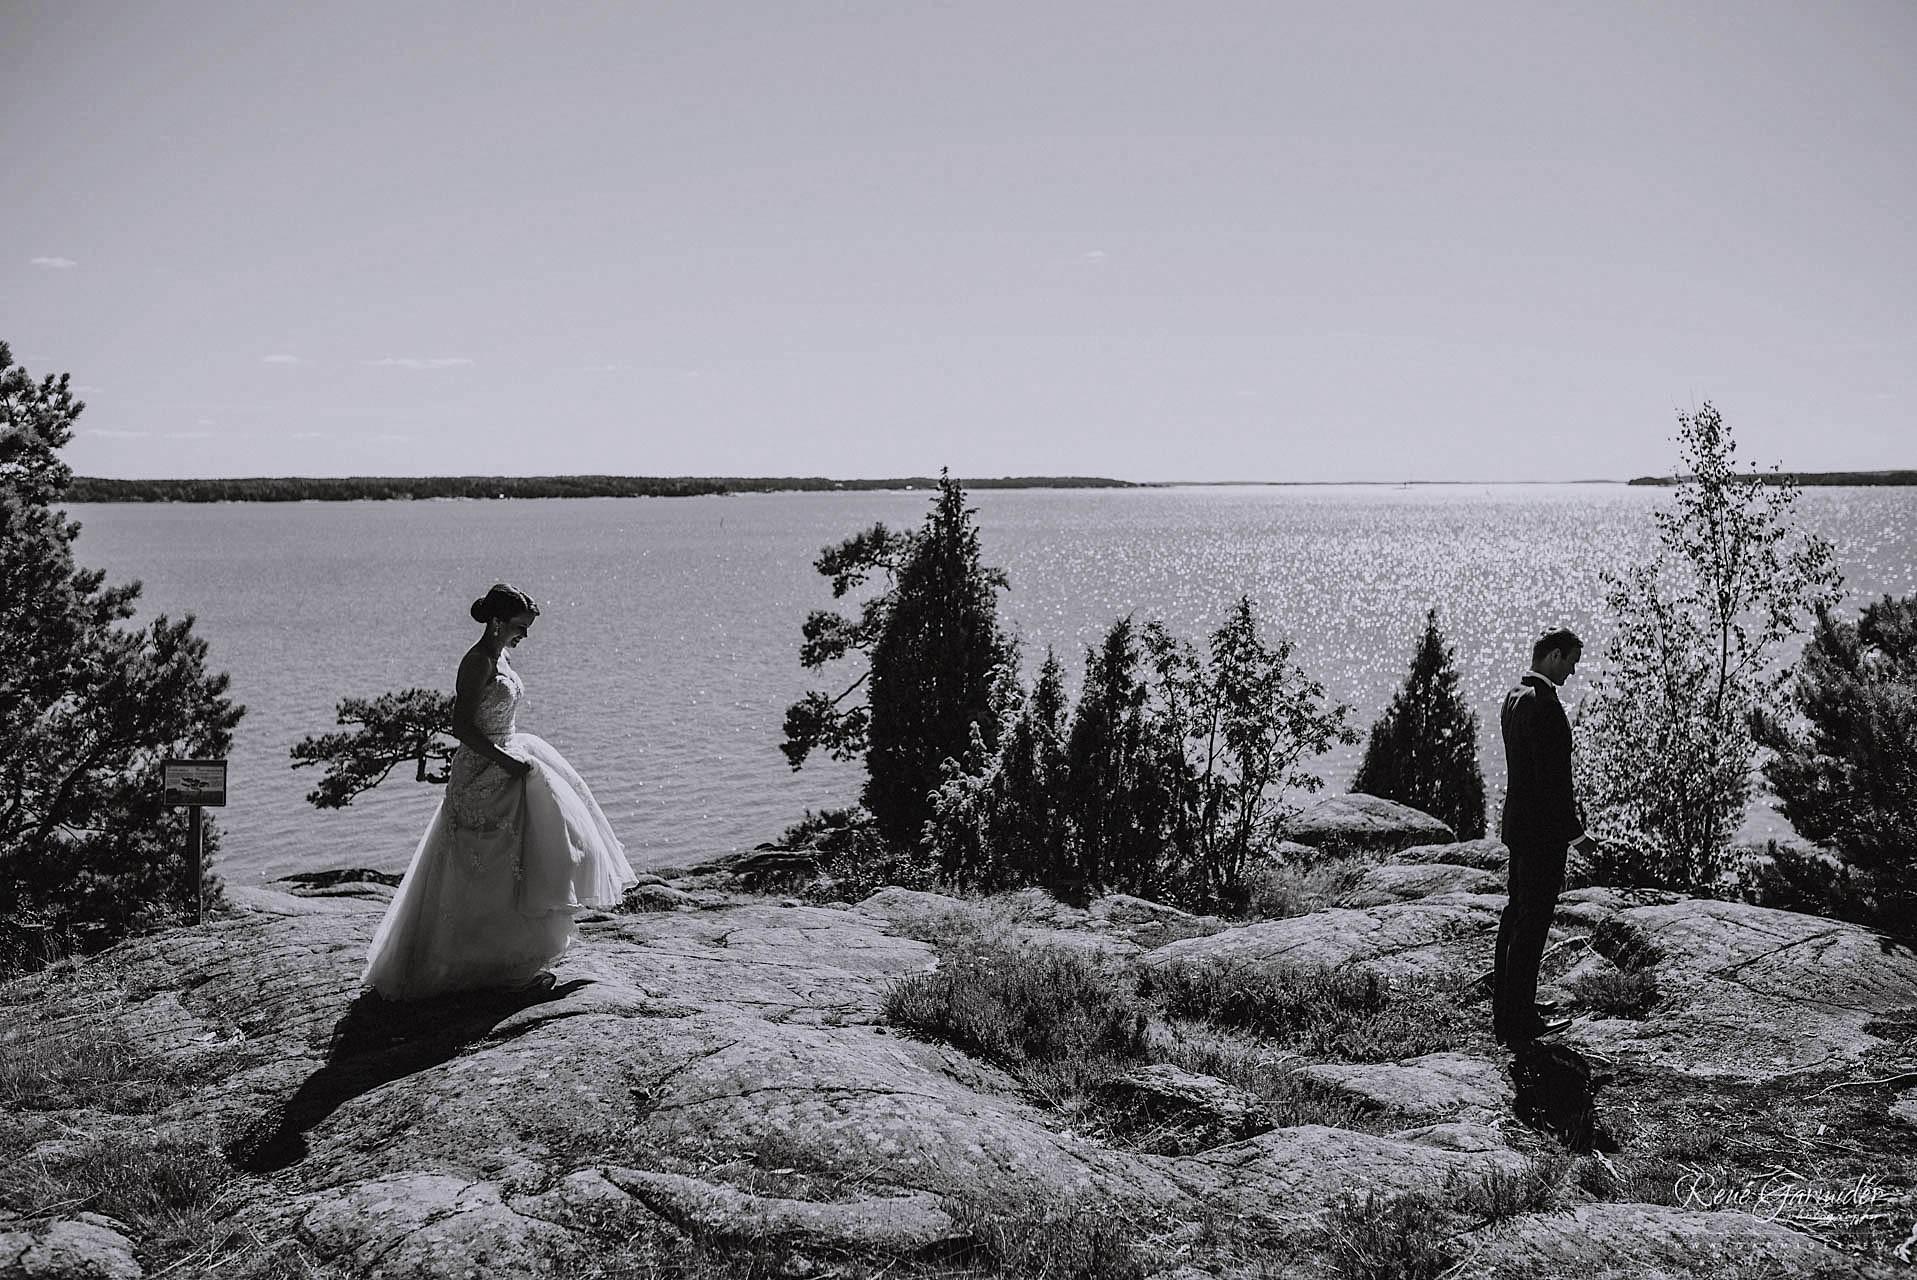 destination-wedding-photography-finland-miljookuvaus-haakuvaus-haakuvaaja-leena-juri-20